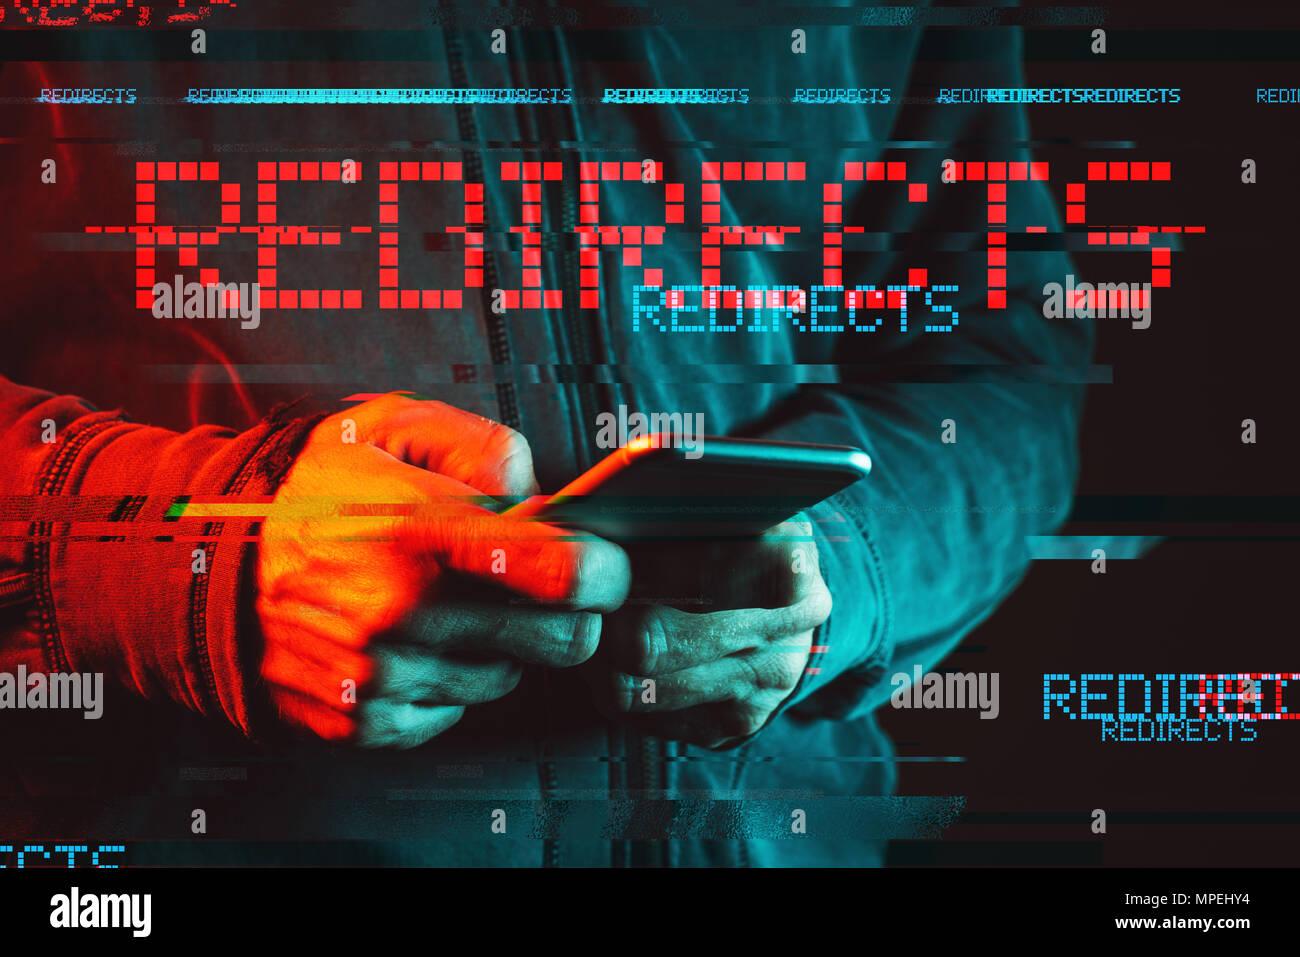 Handy leitet malware Konzept, Low Key rot und blau beleuchtete Bild und digitale glitch Wirkung Stockbild